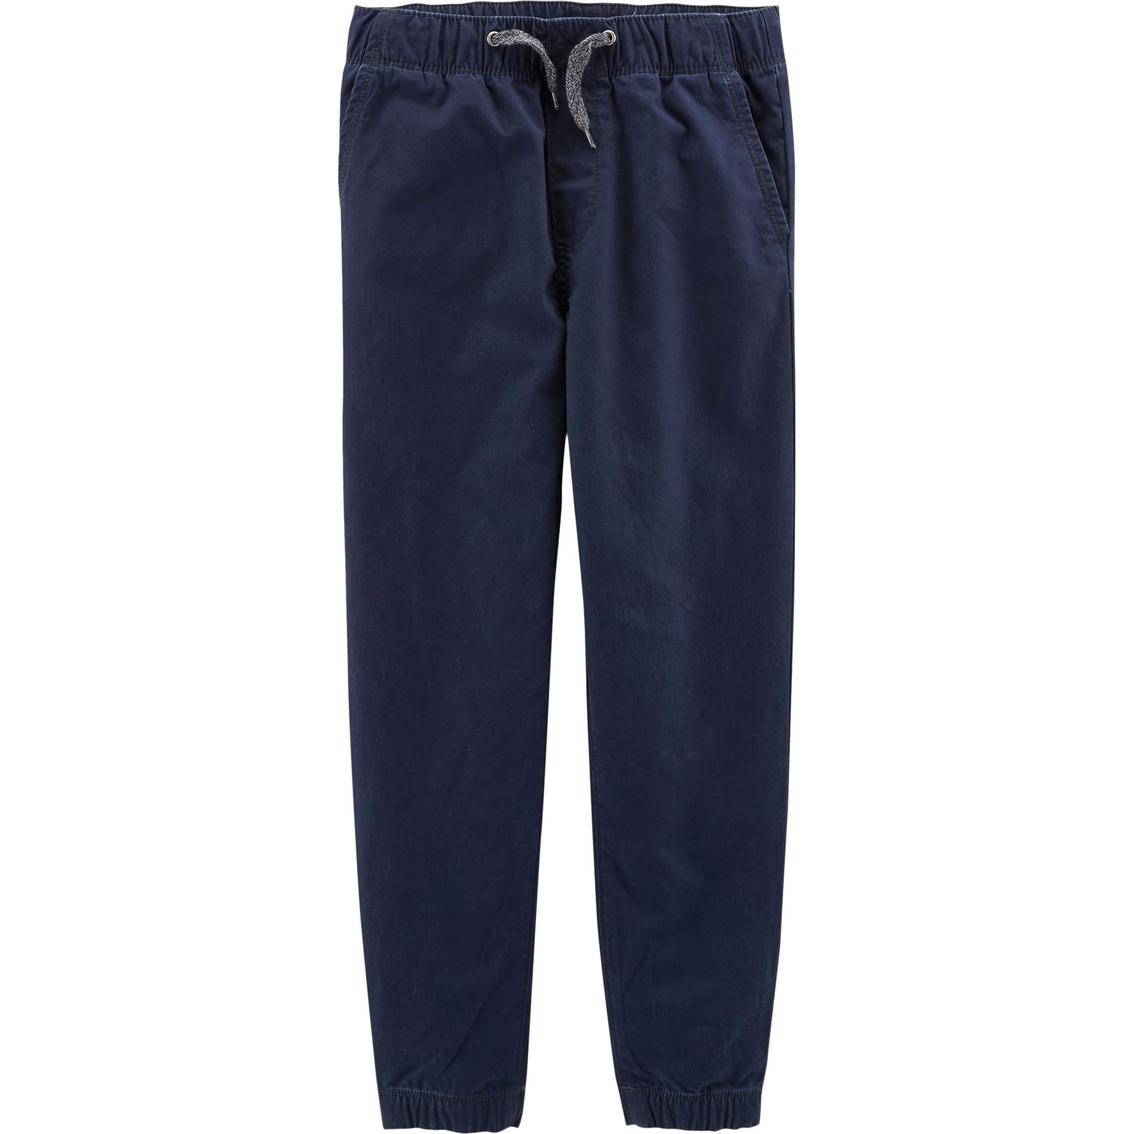 85aaee098238 Oshkosh B gosh Boys Woven Jogger Pants